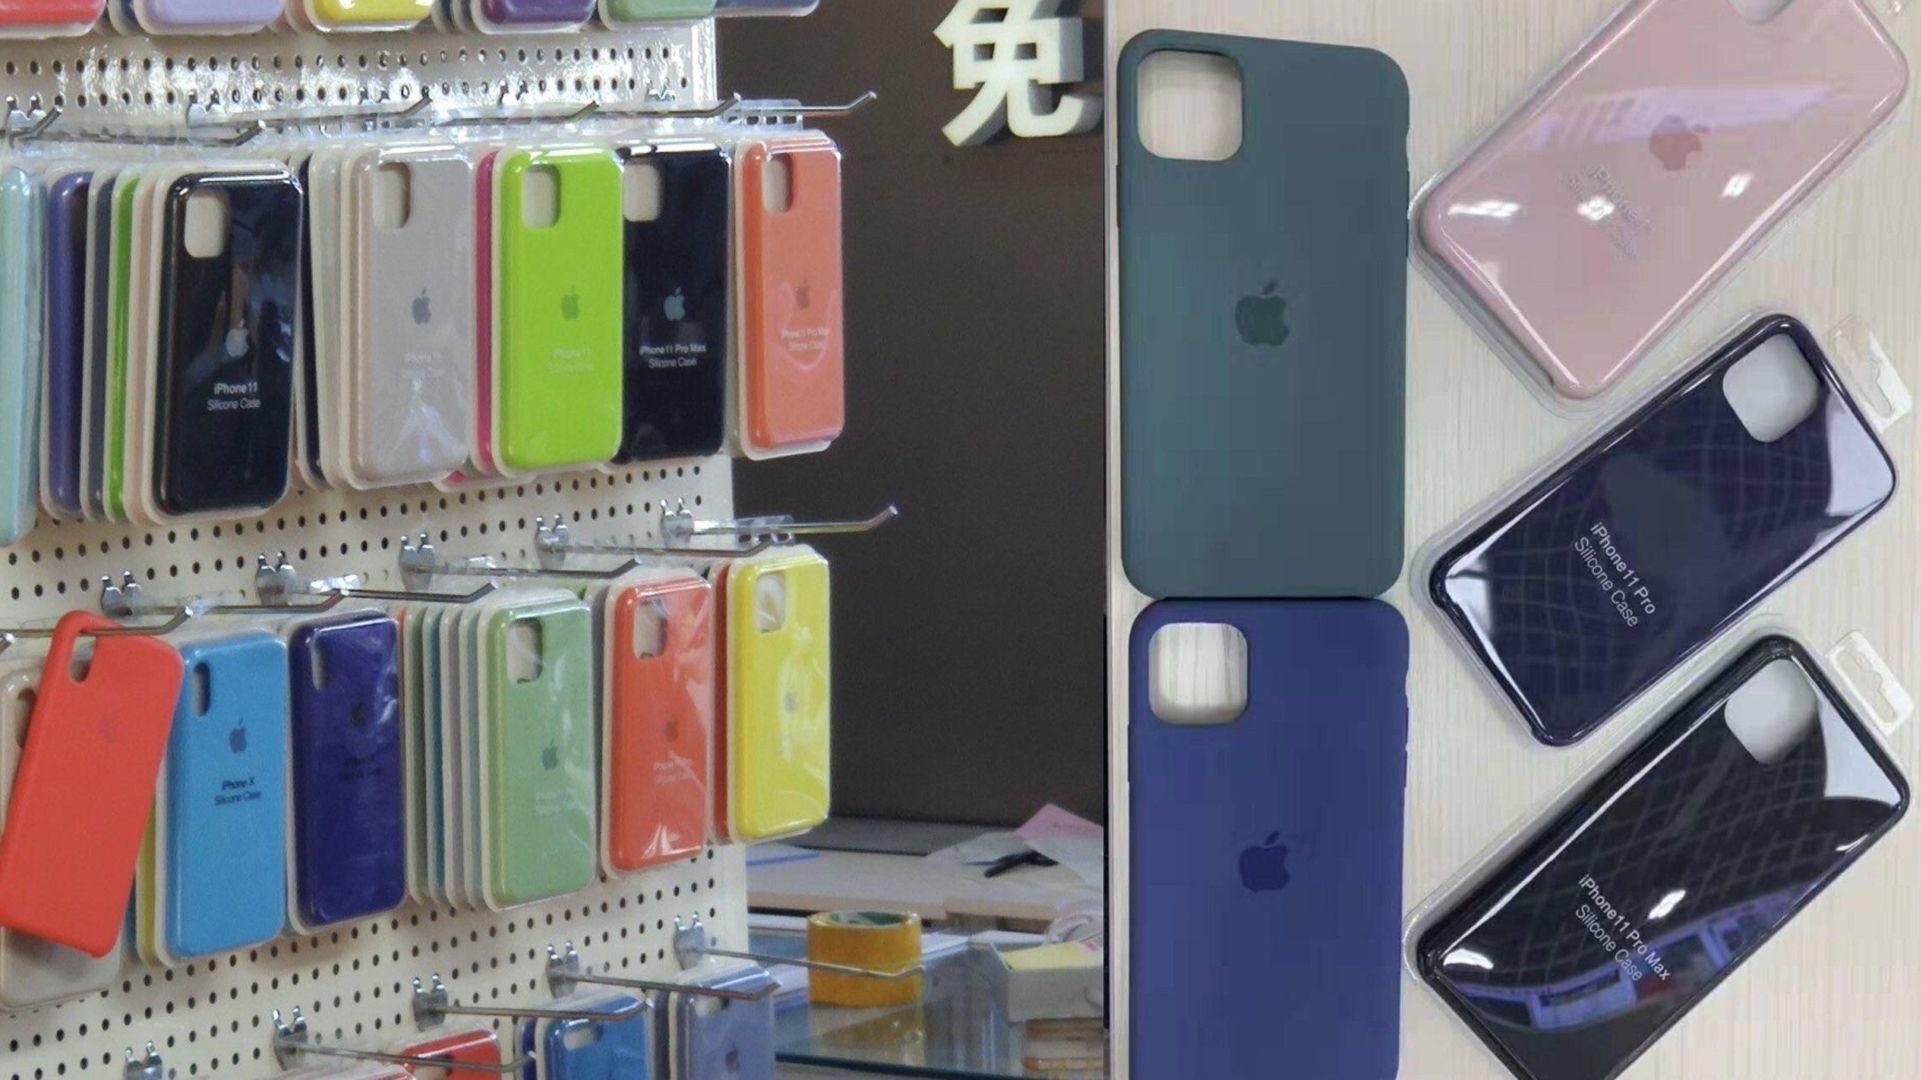 Zdjęcie wyglądu etui do tegorocznego iPhone'a 11 Pro